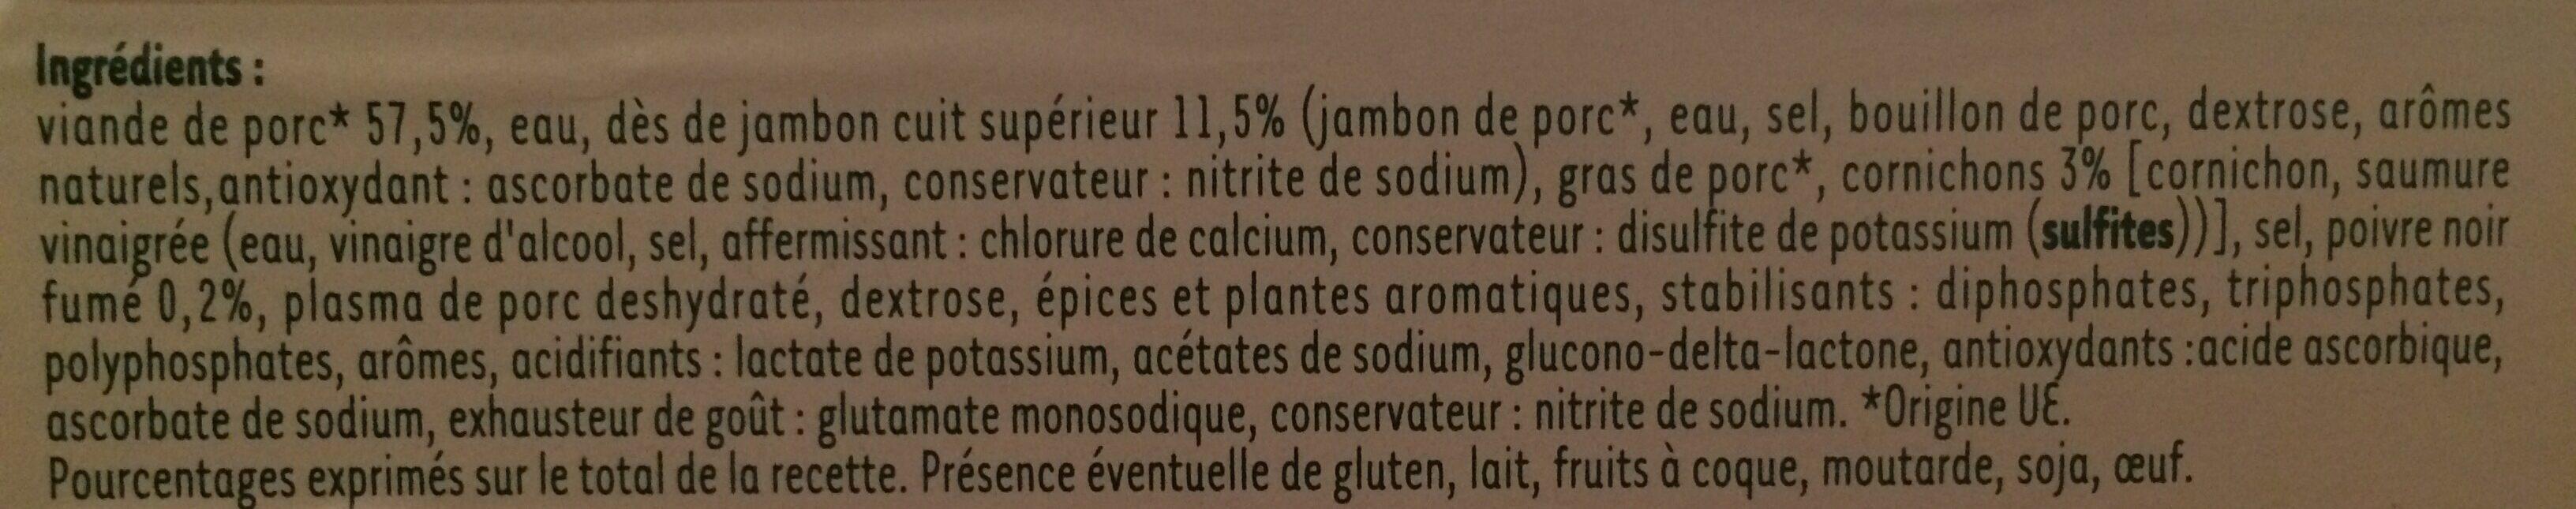 Les creations gourmandes poivre, jambon et cornichon 12 trs - Ingredients